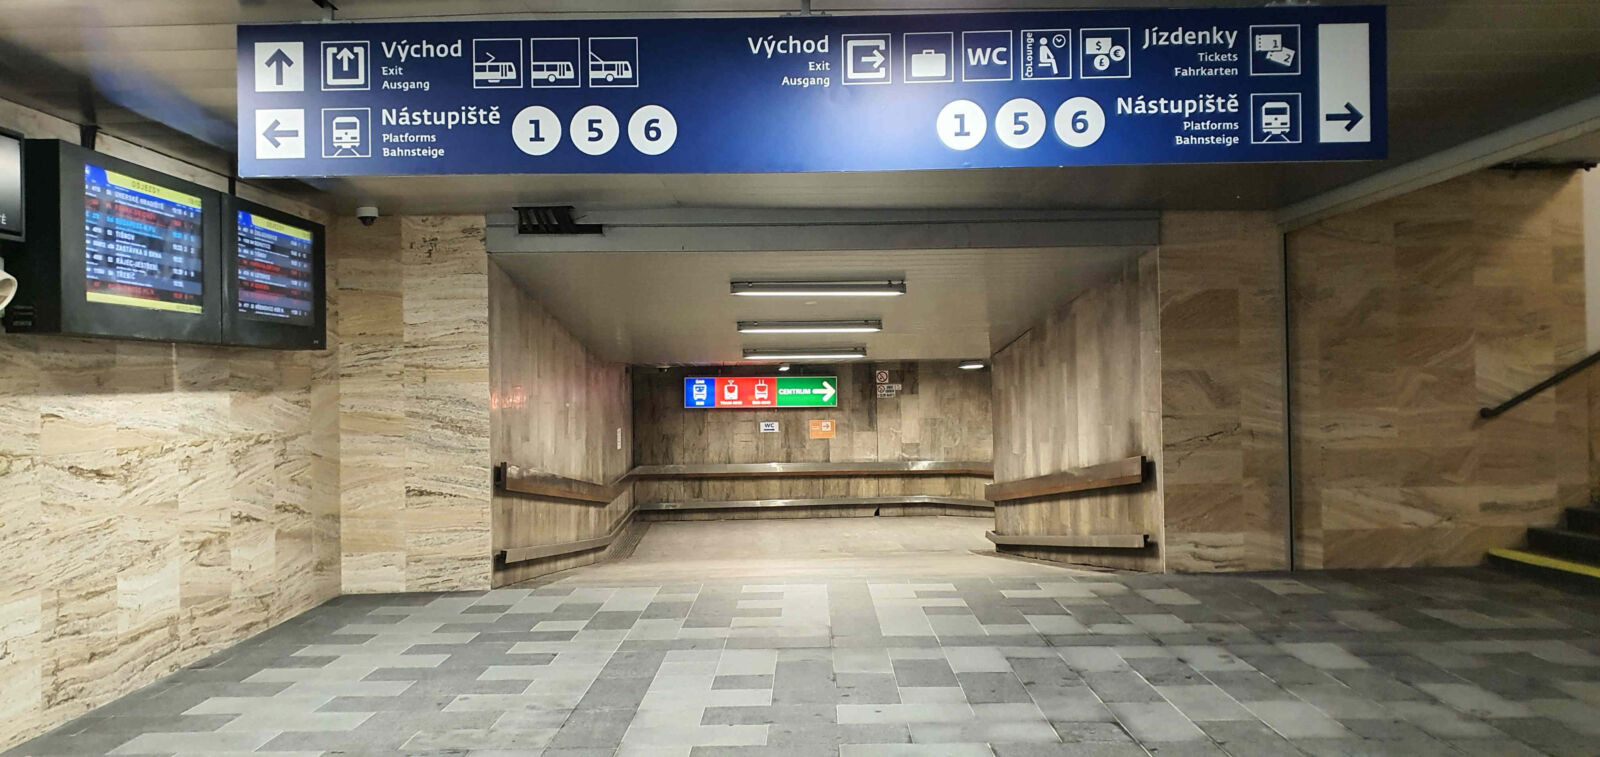 Pravý podchod pod brněnským hlavním nádražím